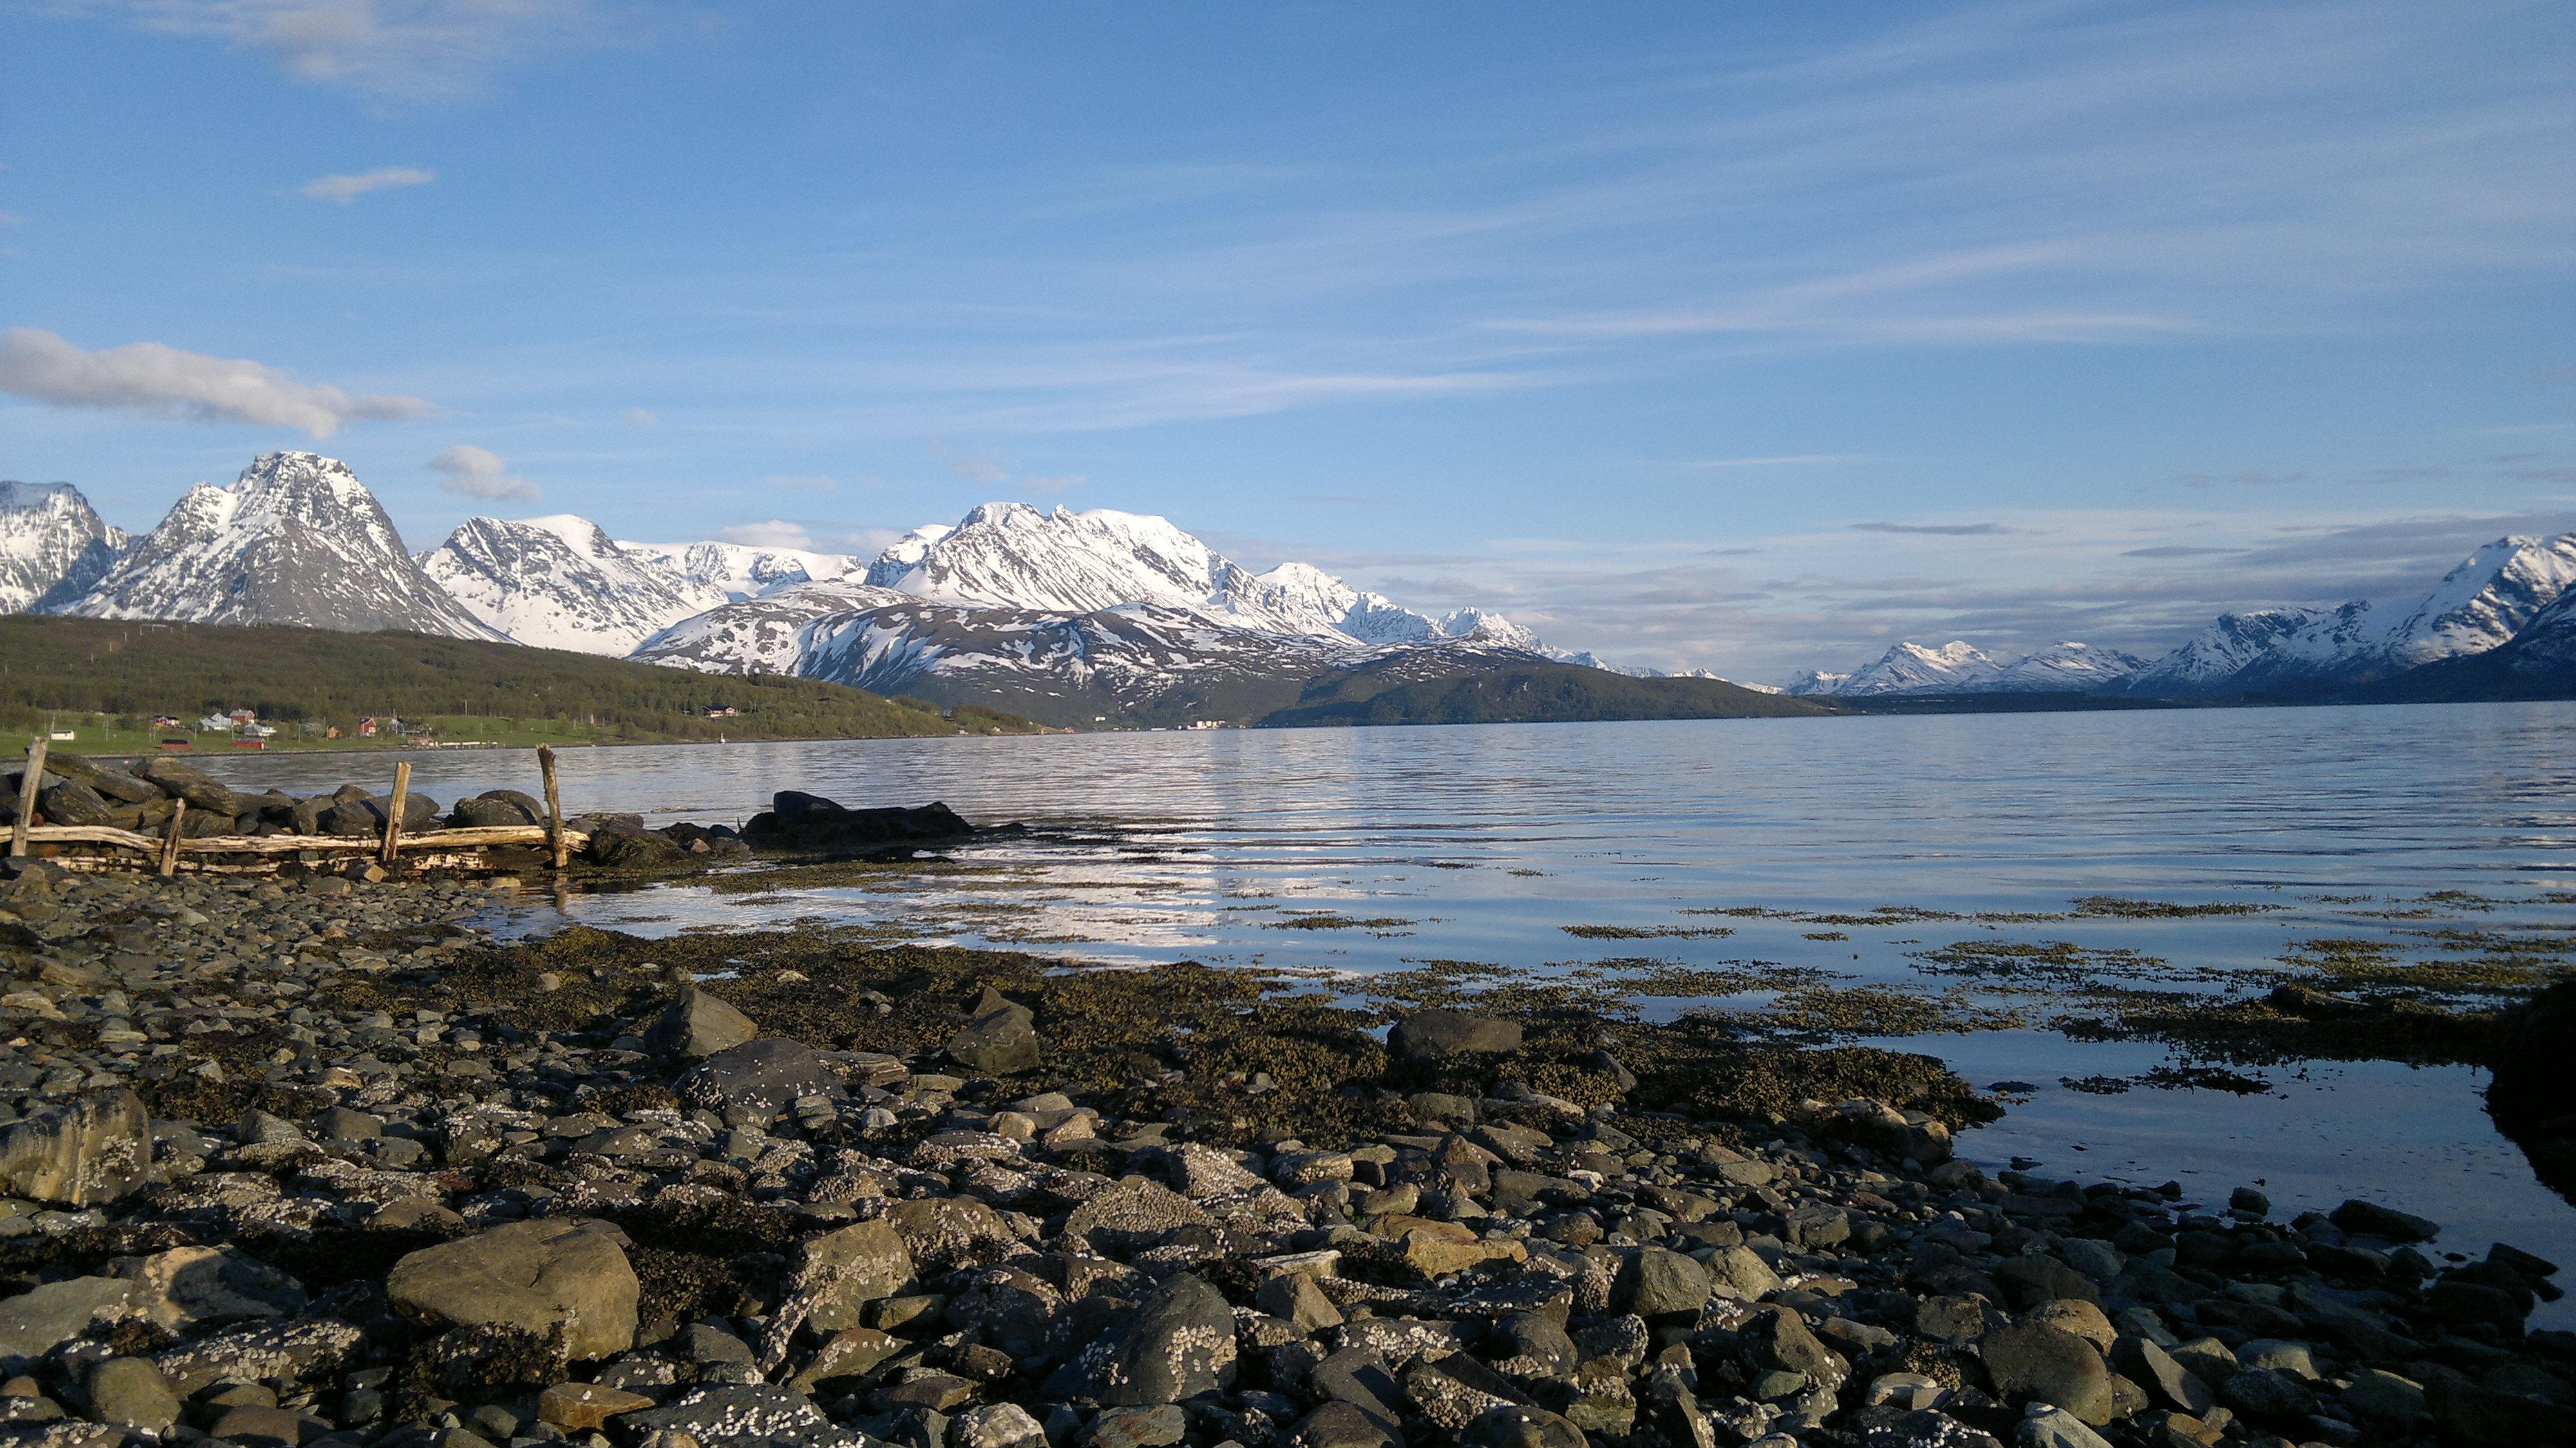 Noorwegen Senja hike zeilen sailing SeaWind Adventures Lofoten Vesteralen wandelvakantie